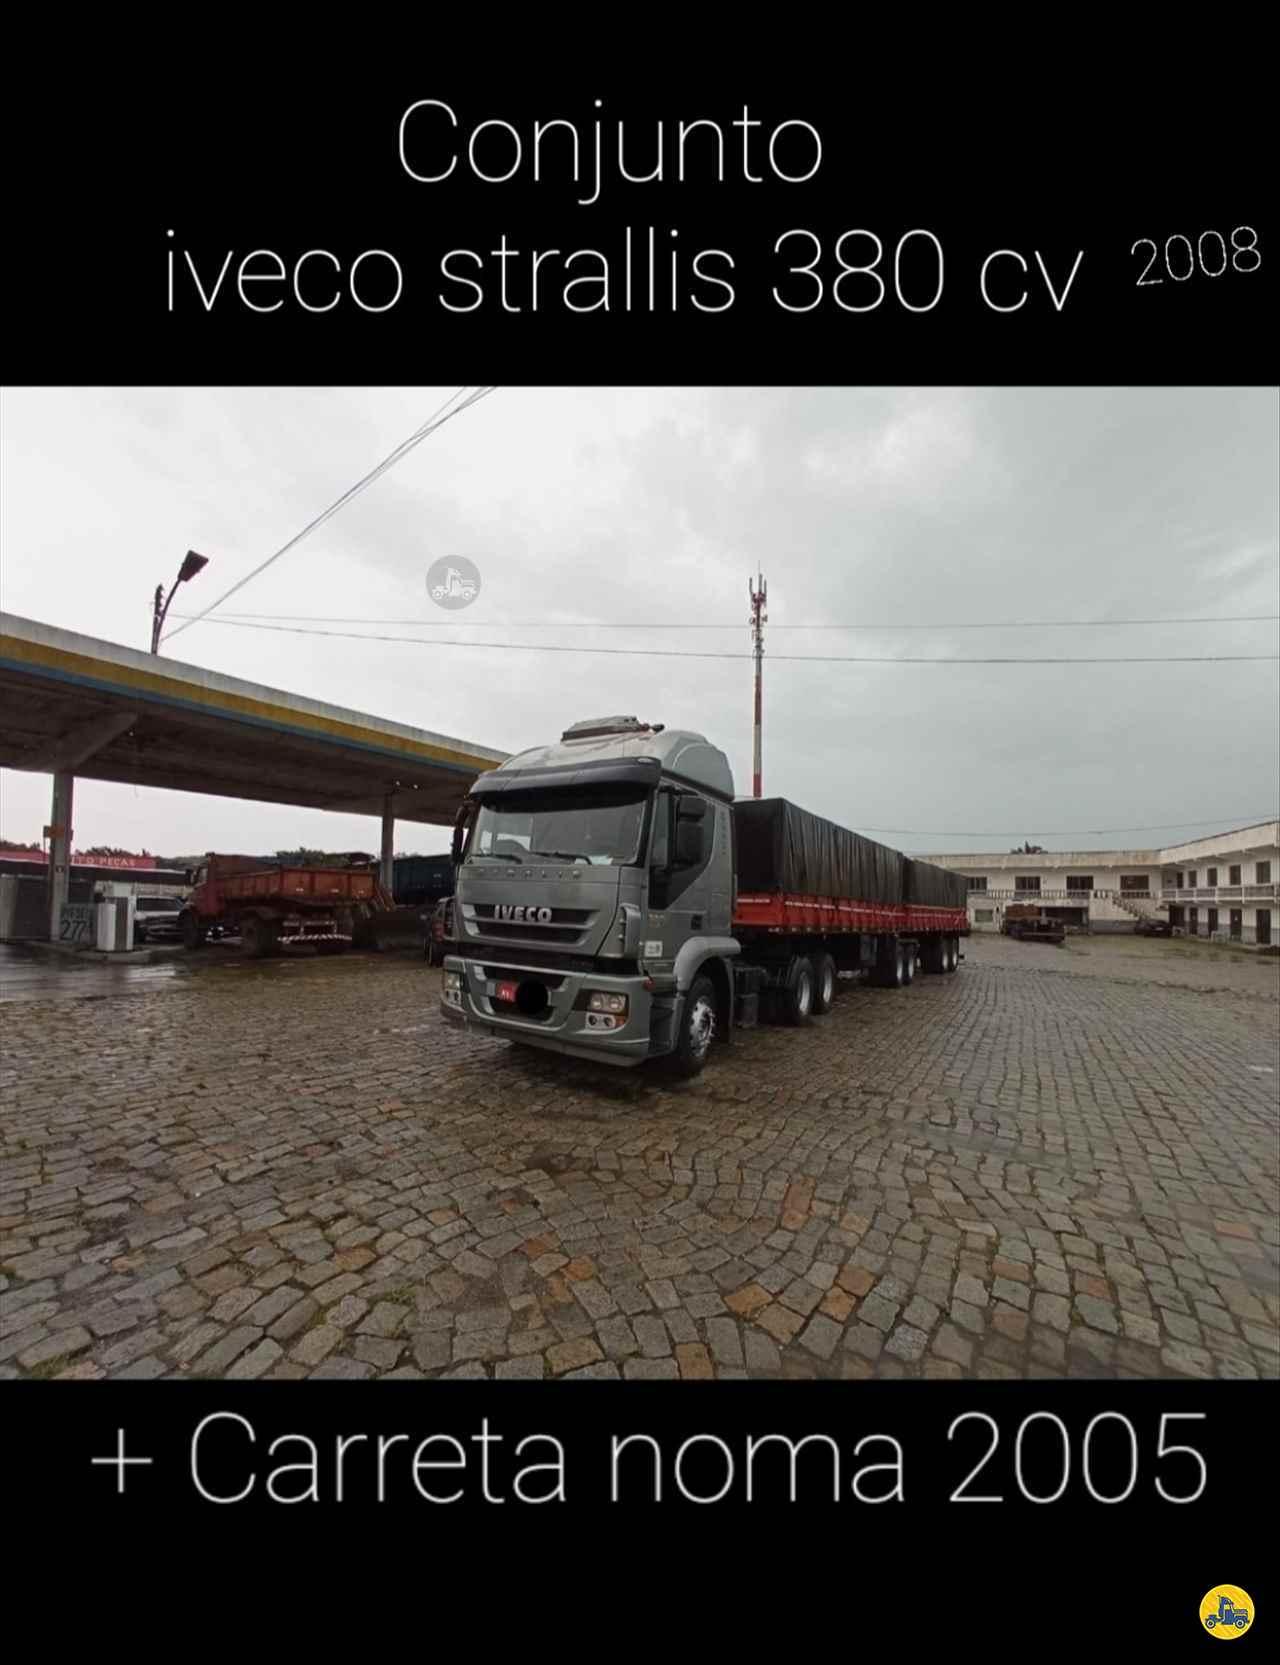 CAMINHAO VOLVO VOLVO FH12 380 Cavalo Mecânico Truck 6x2 CRM Caminhões Curitiba CAMPINA GRANDE DO SUL PARANÁ PR